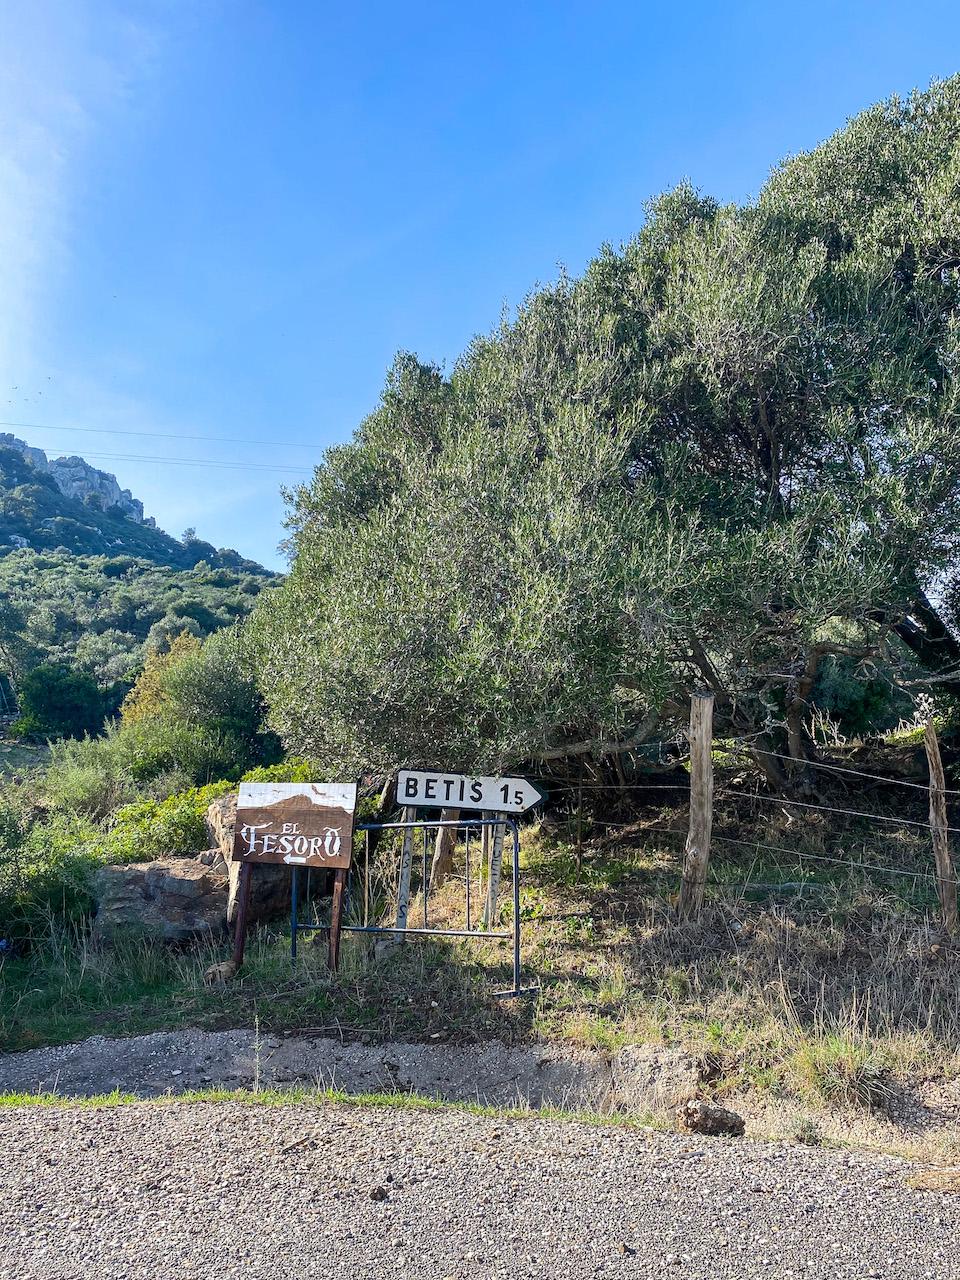 Betis Tarifa - klimgebied Andalusie